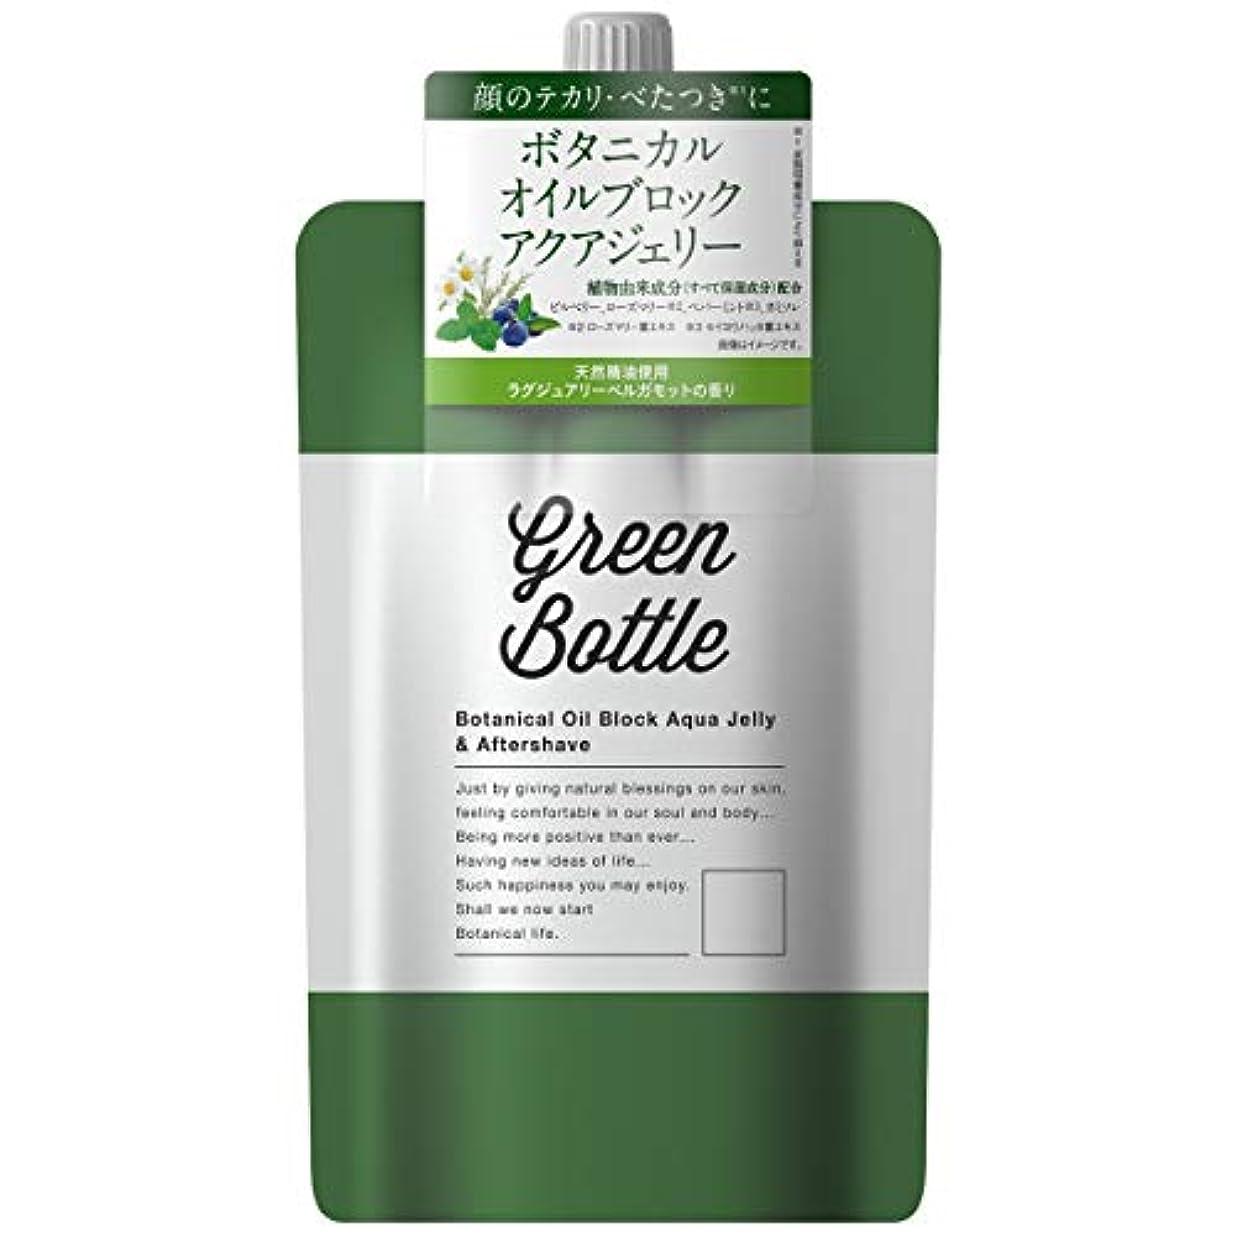 クライマックス細い鉱石グリーンボトル ボタニカルオイルブロックアクアジェリー 150g